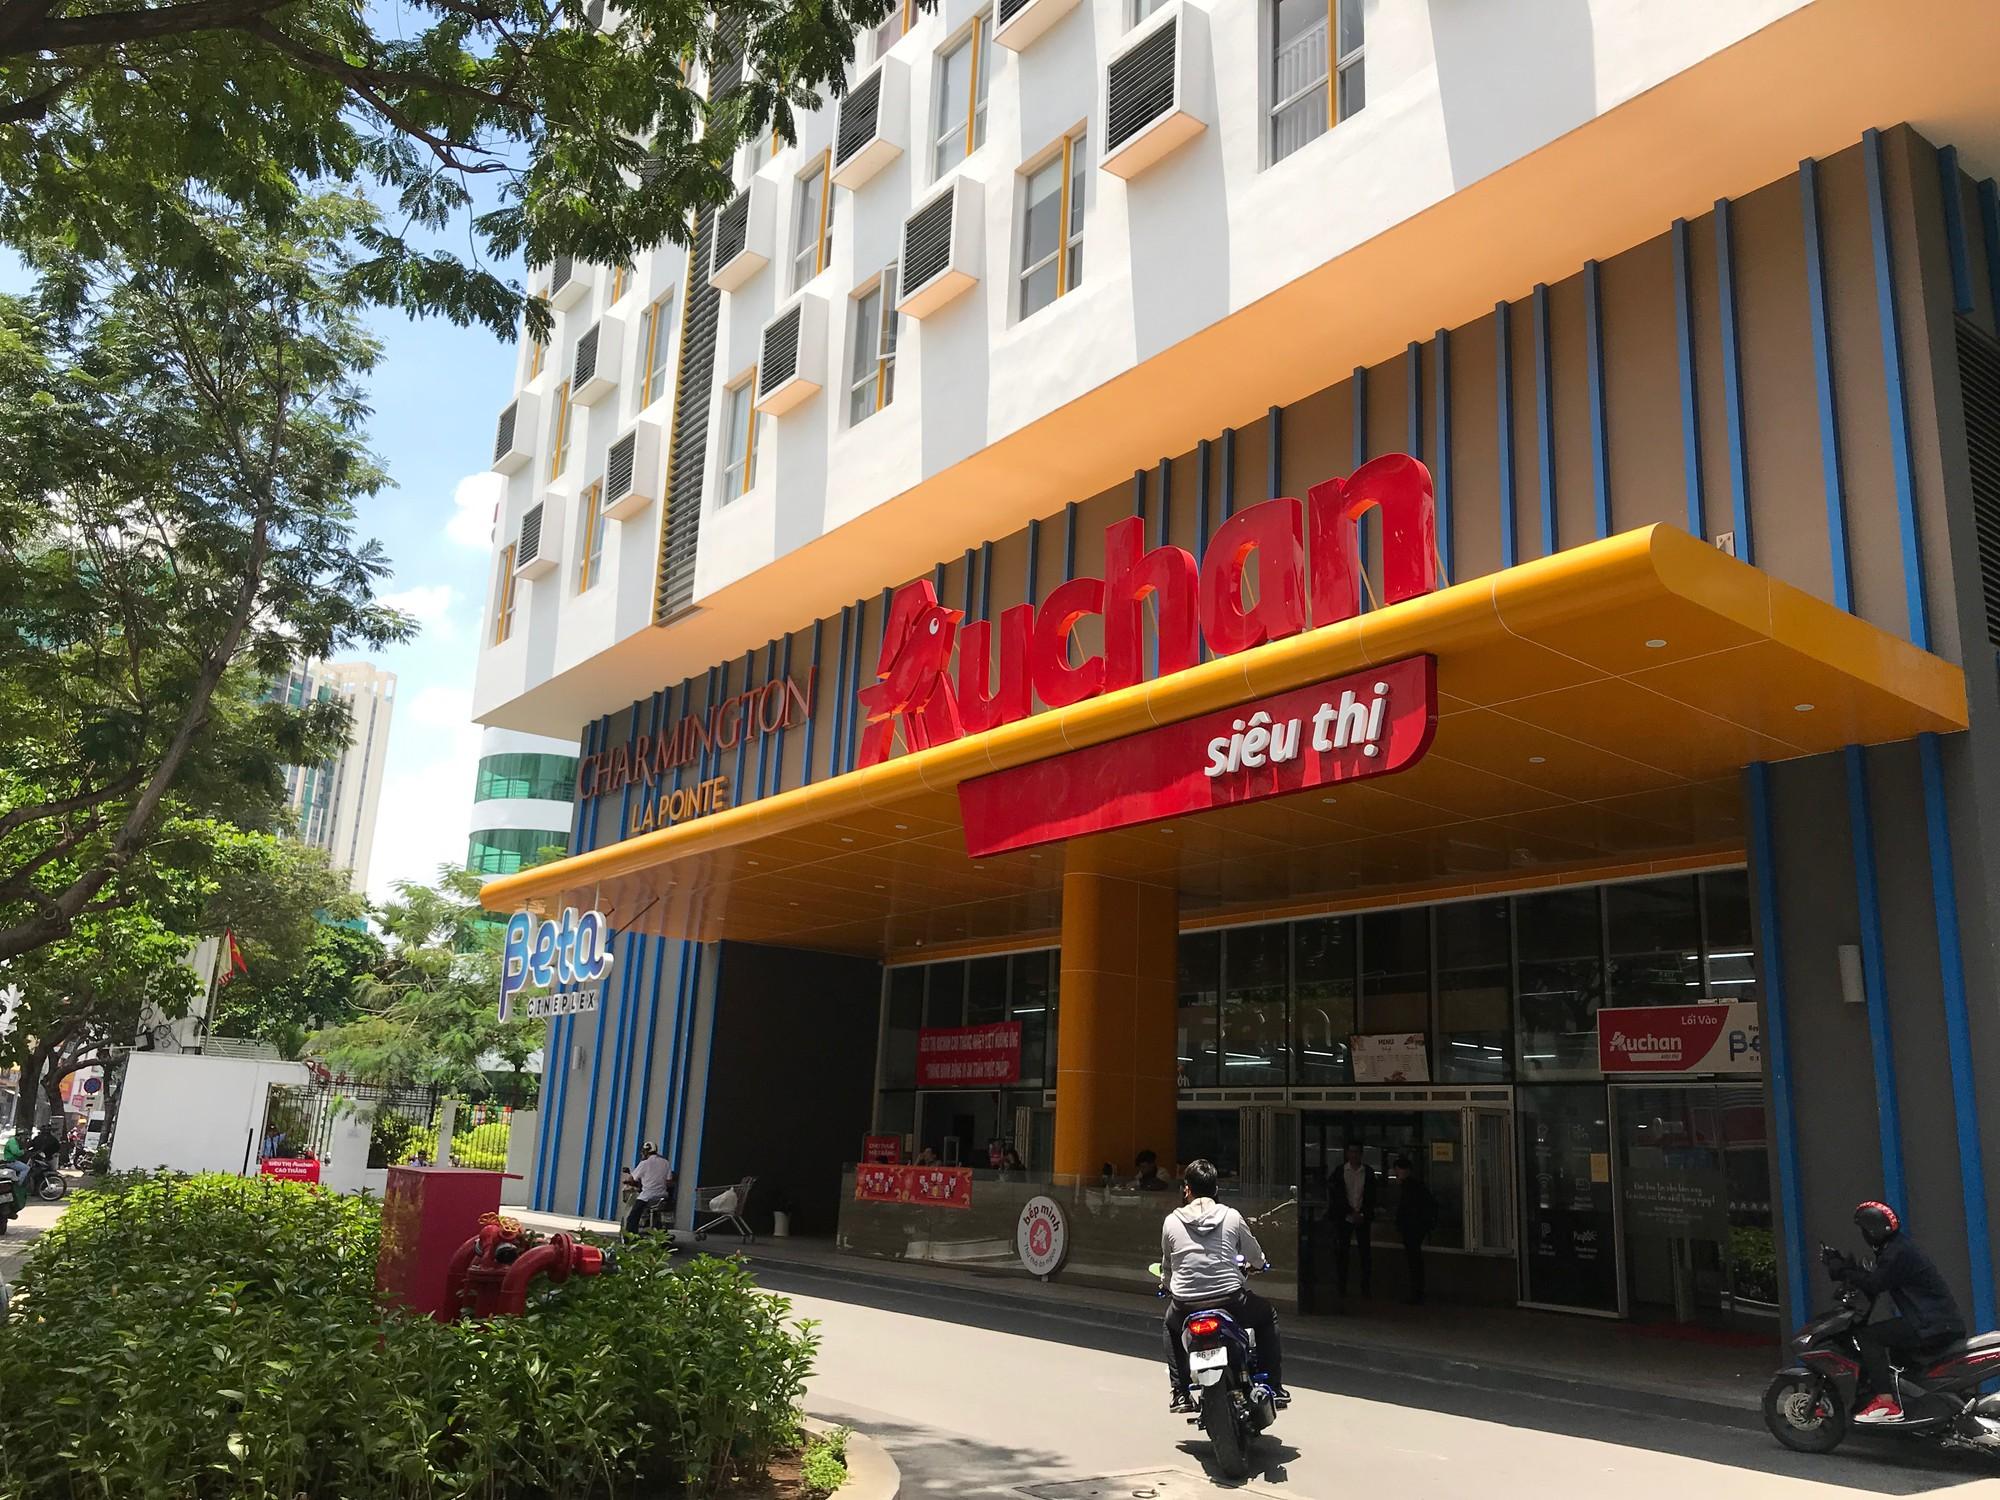 Cùng Auchan, những đại gia ngoại nào từng tháo chạy khỏi thị trường bán lẻ Việt Nam? - Ảnh 1.